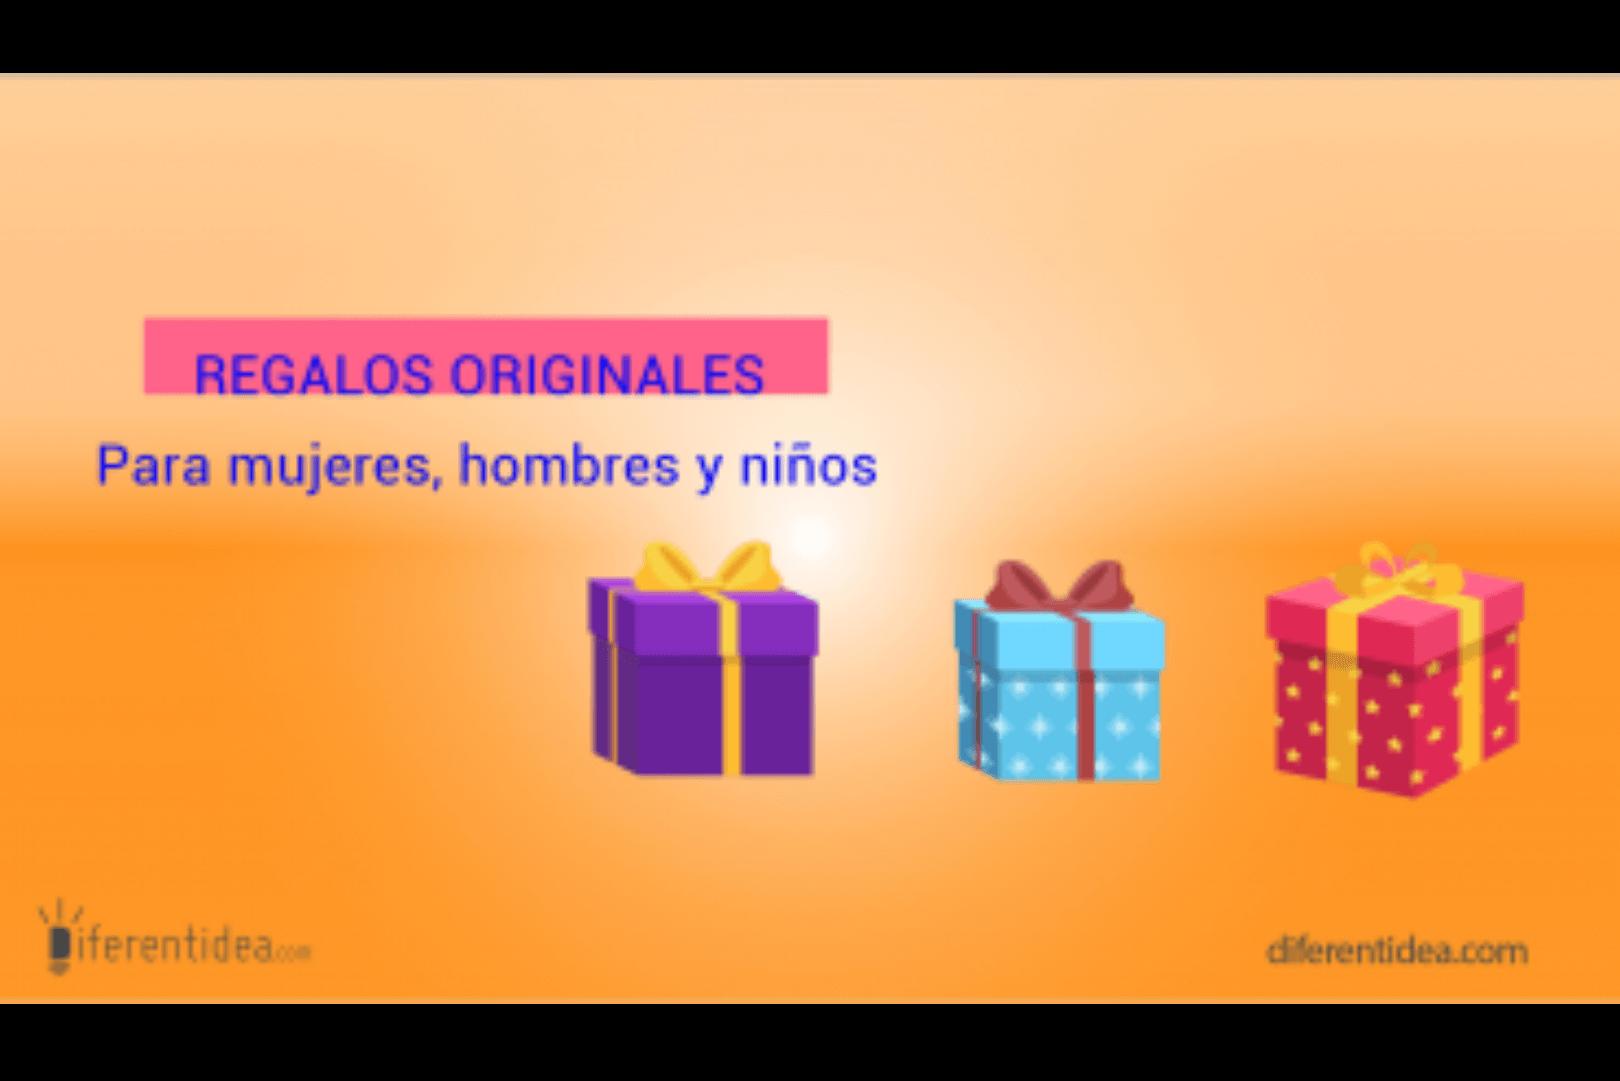 lg-b-regalos originales